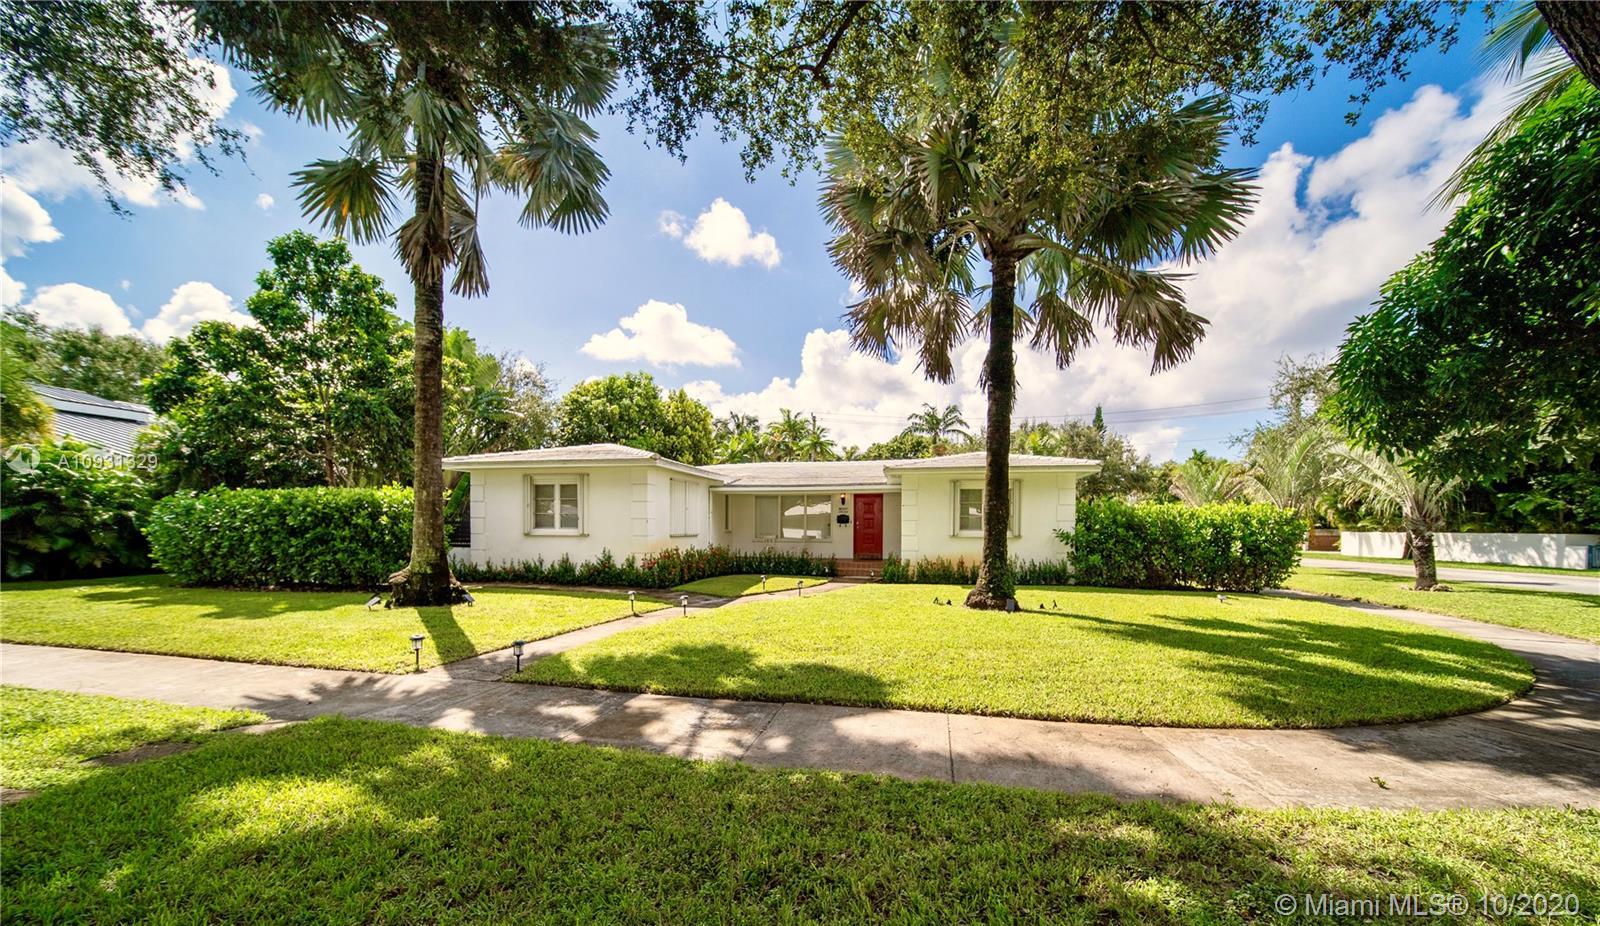 Miami Shores - 102 NE 94th St, Miami Shores, FL 33138